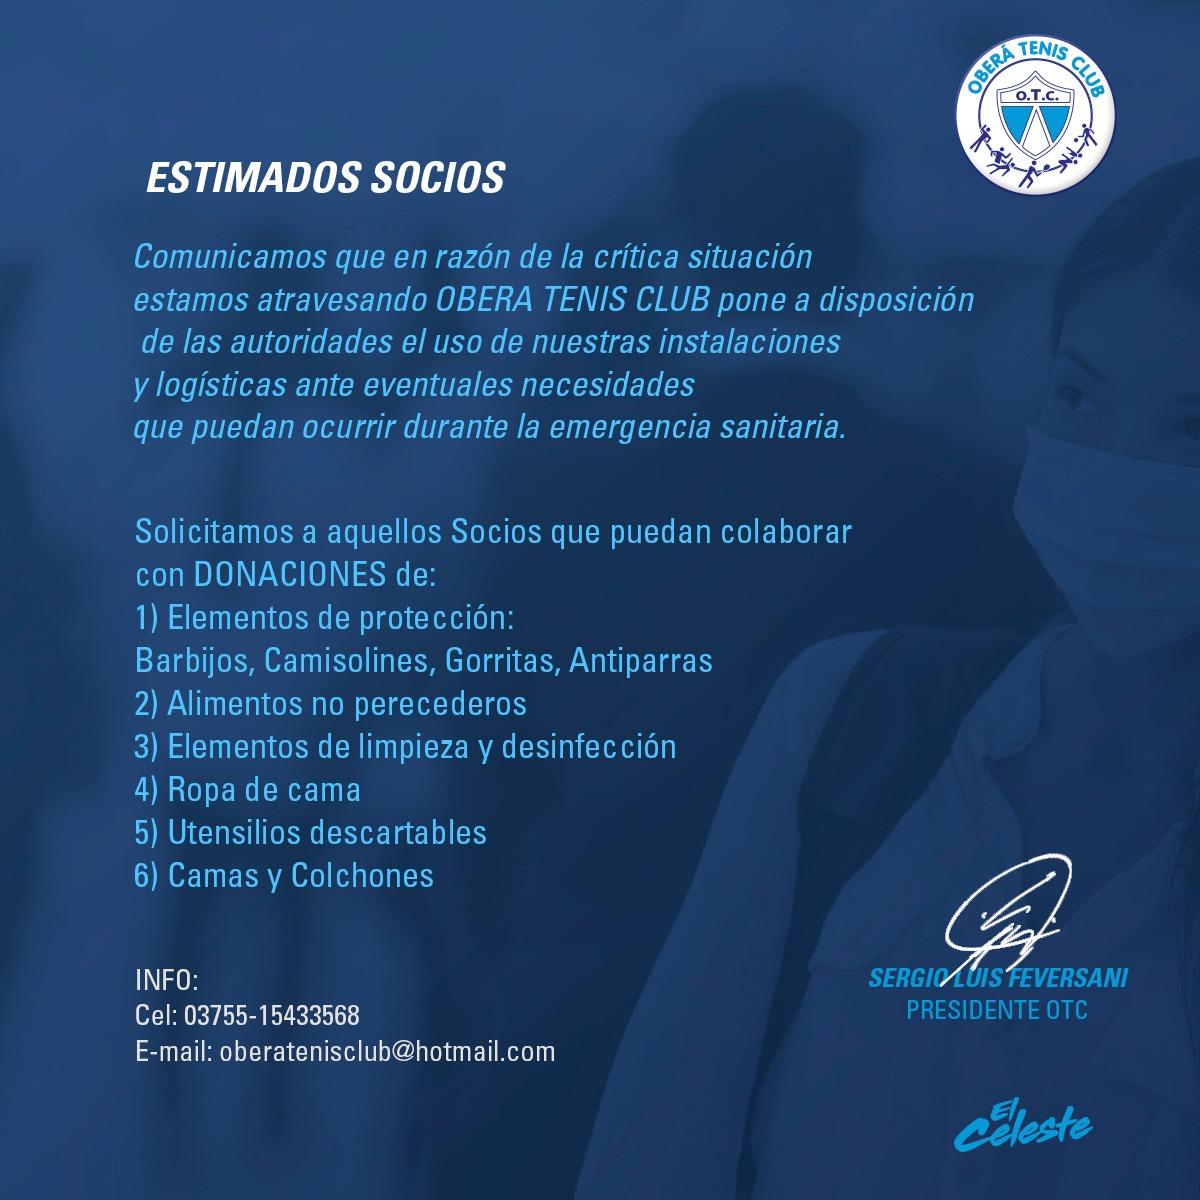 Coronavirus: OTC pondrá a disposición sus instalaciones en caso de necesidad sanitaria